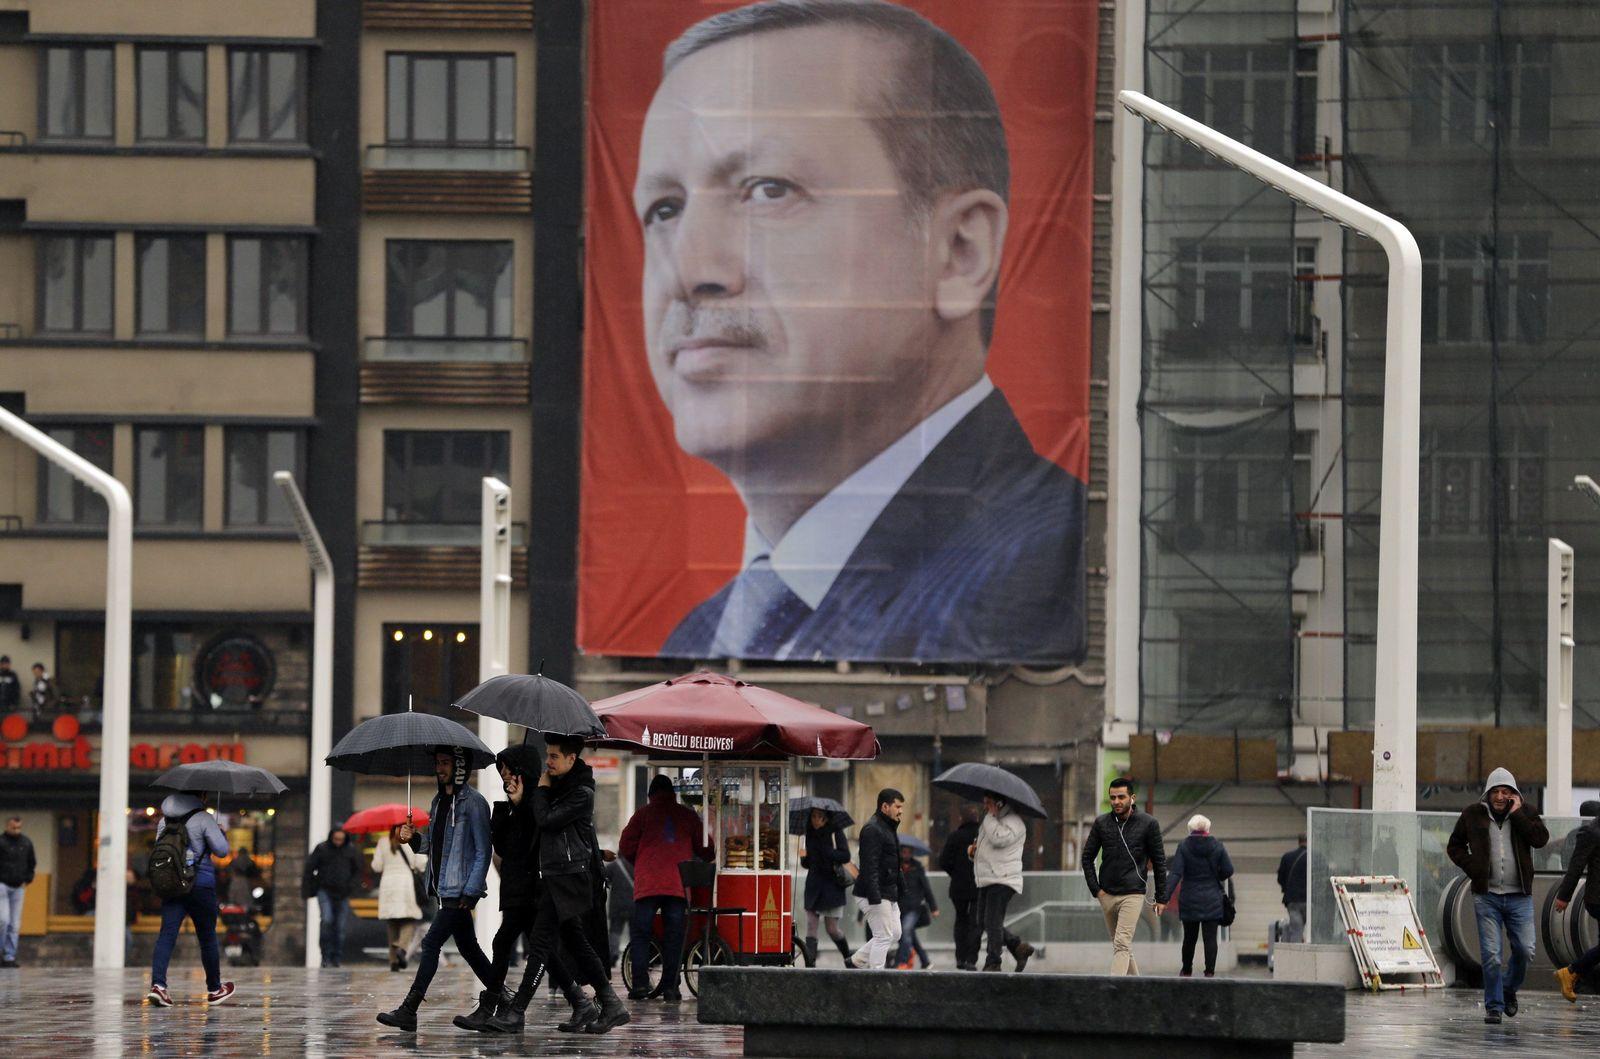 Istabul - Erdogan-Plakat